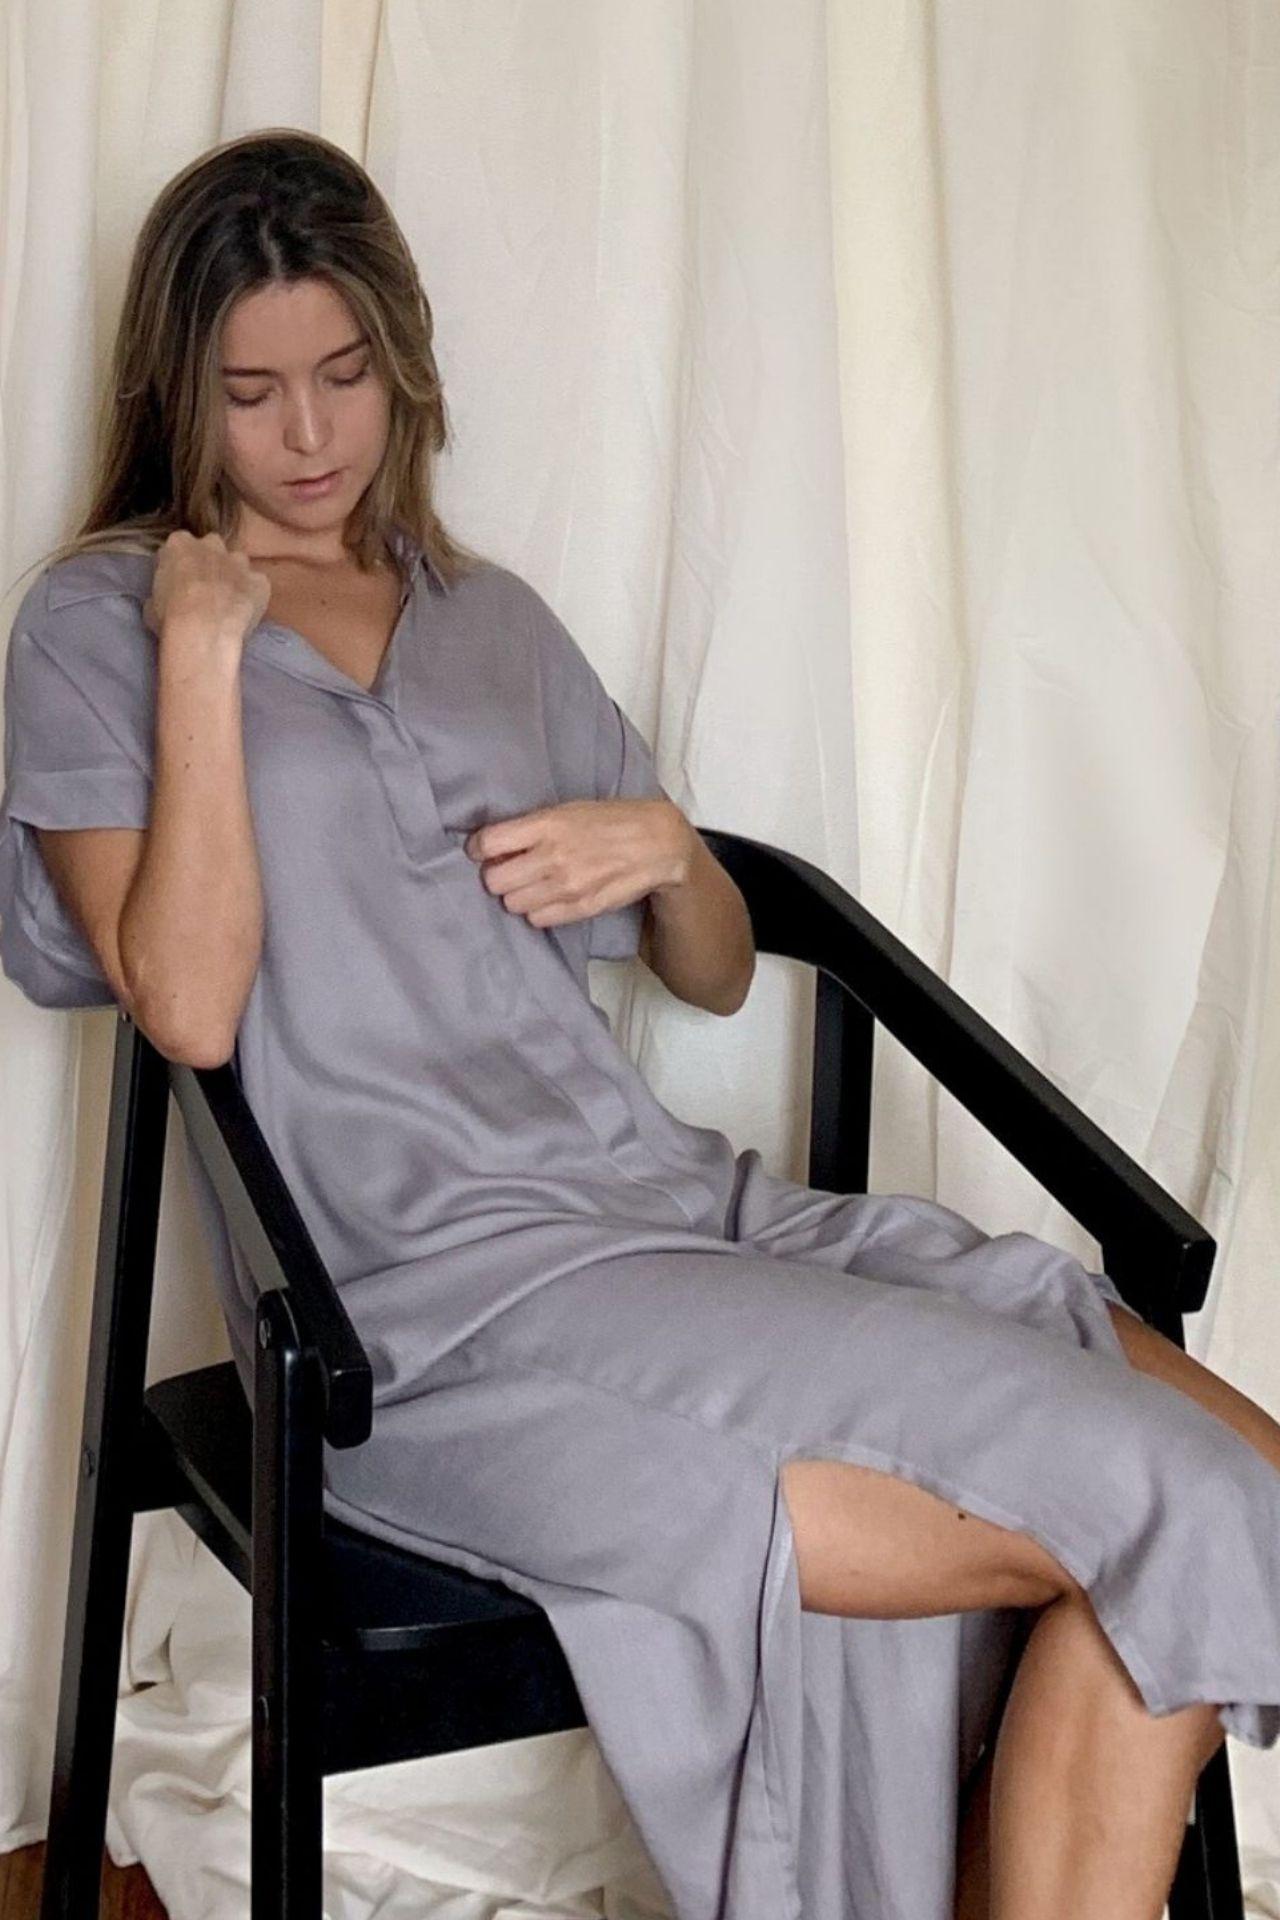 Blusa vestido de silueta holgada, cuello clasico de camisa y aberturas a los lados. Elaborada en 100% rayon  Talla única  Pecho: 120 cms  Largo: 1.20 cms